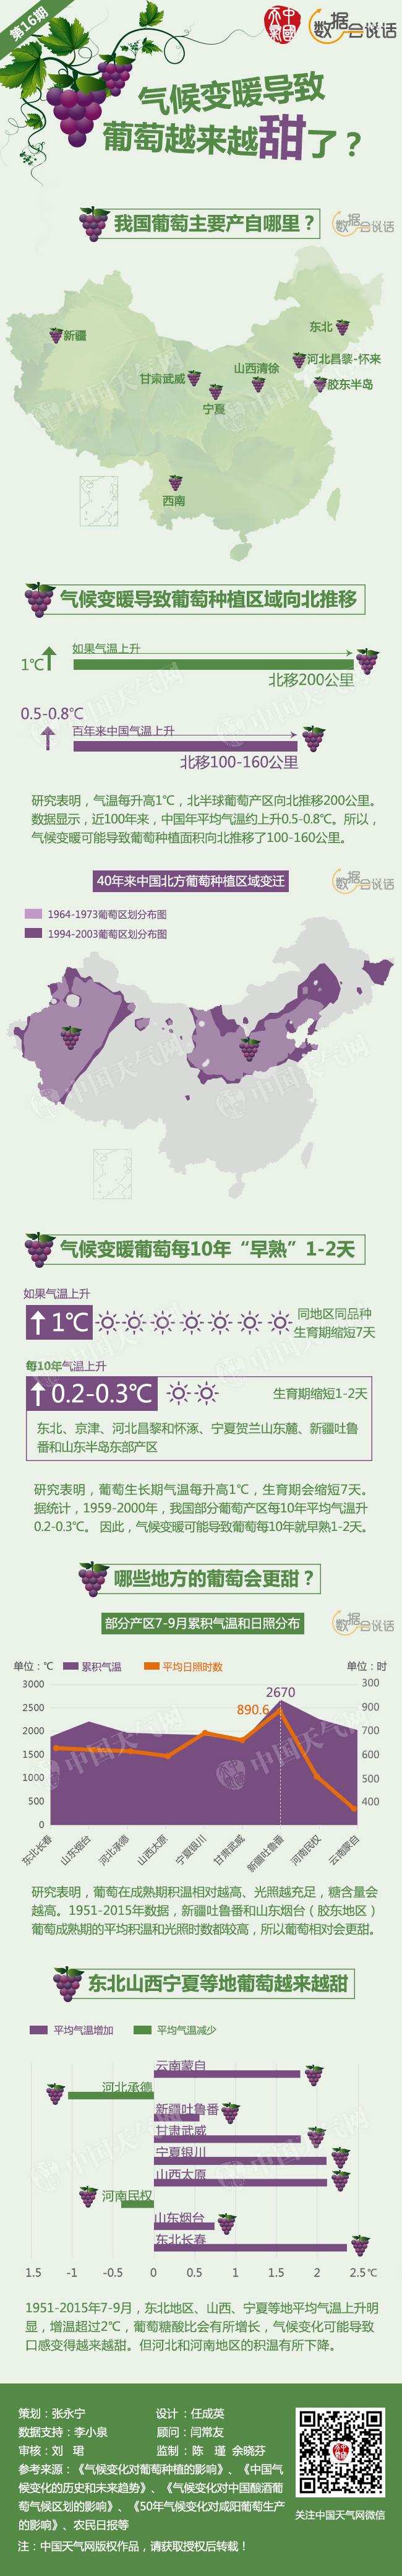 气候变化导致葡萄越来越甜了?